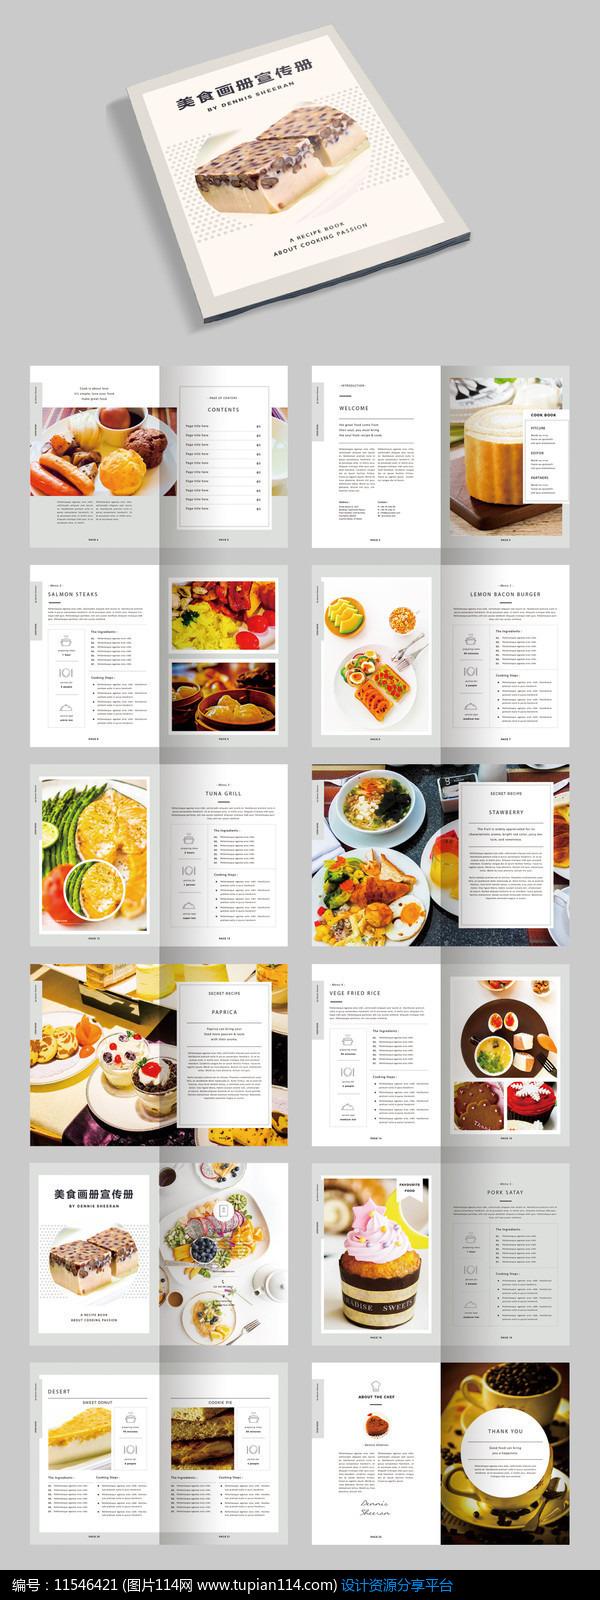 [原创]老鼠菜谱模板宣传册美食画册碎片美食怎么用餐饮大战能心图片